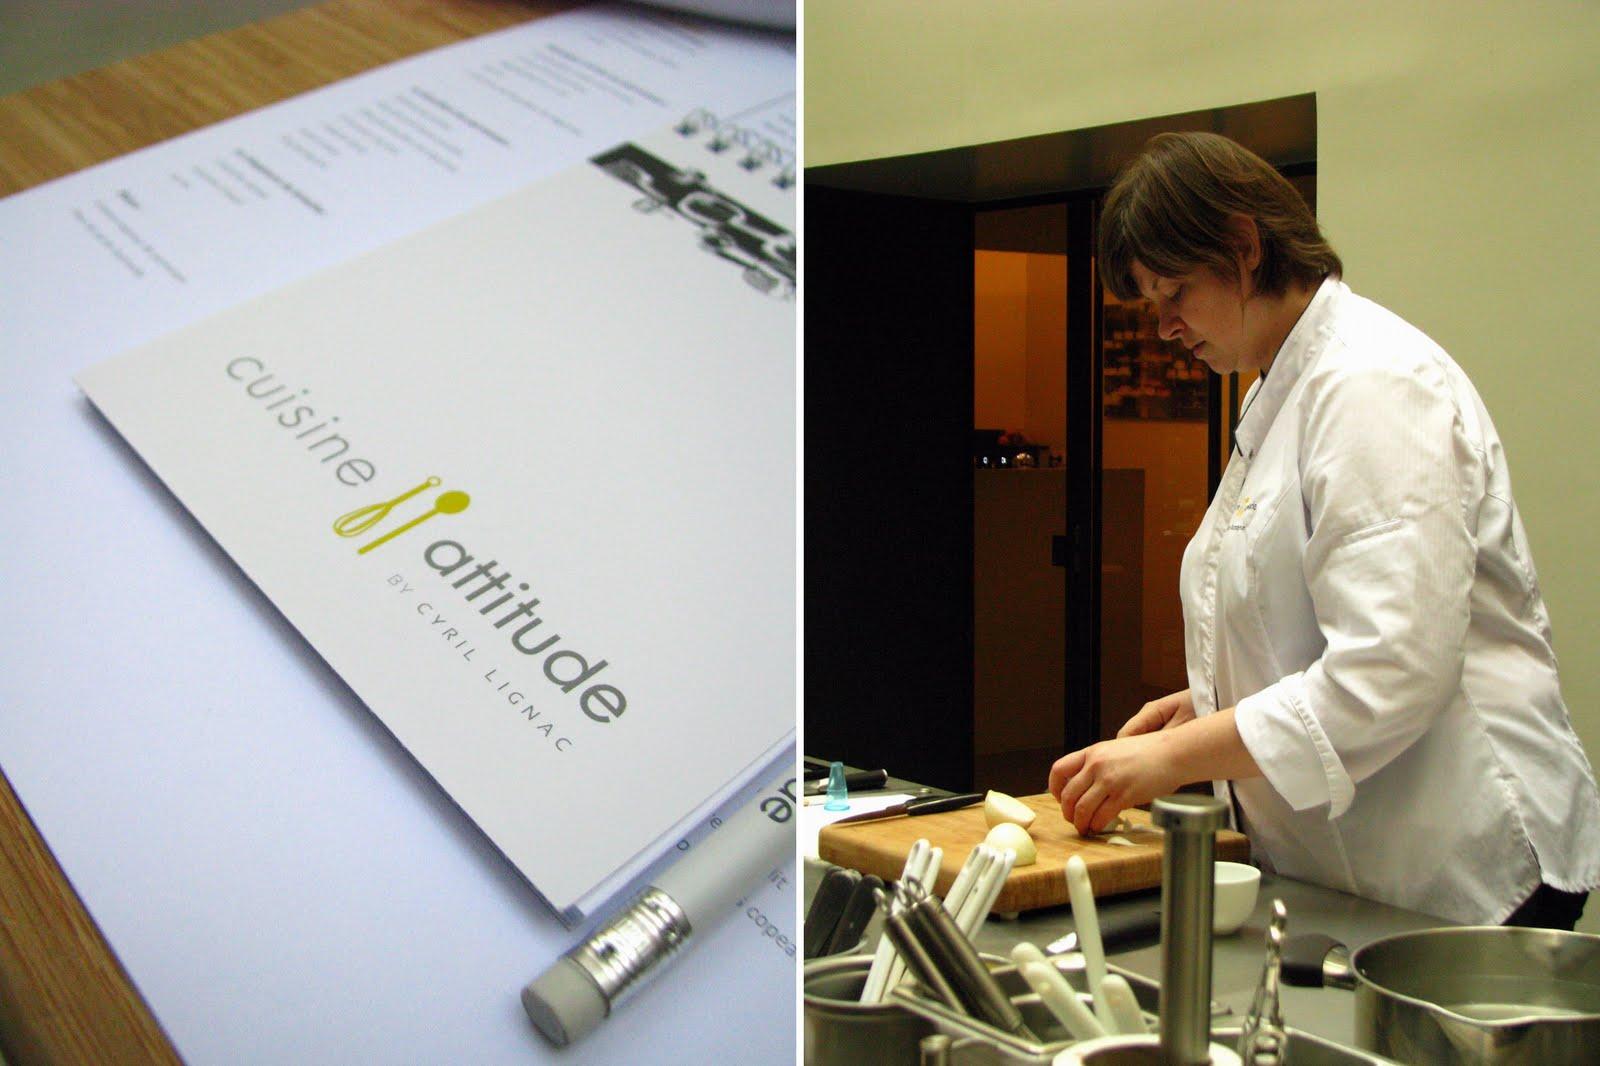 Cuisine attitude cyril lignac concours - Cours de cuisine cyrille lignac ...